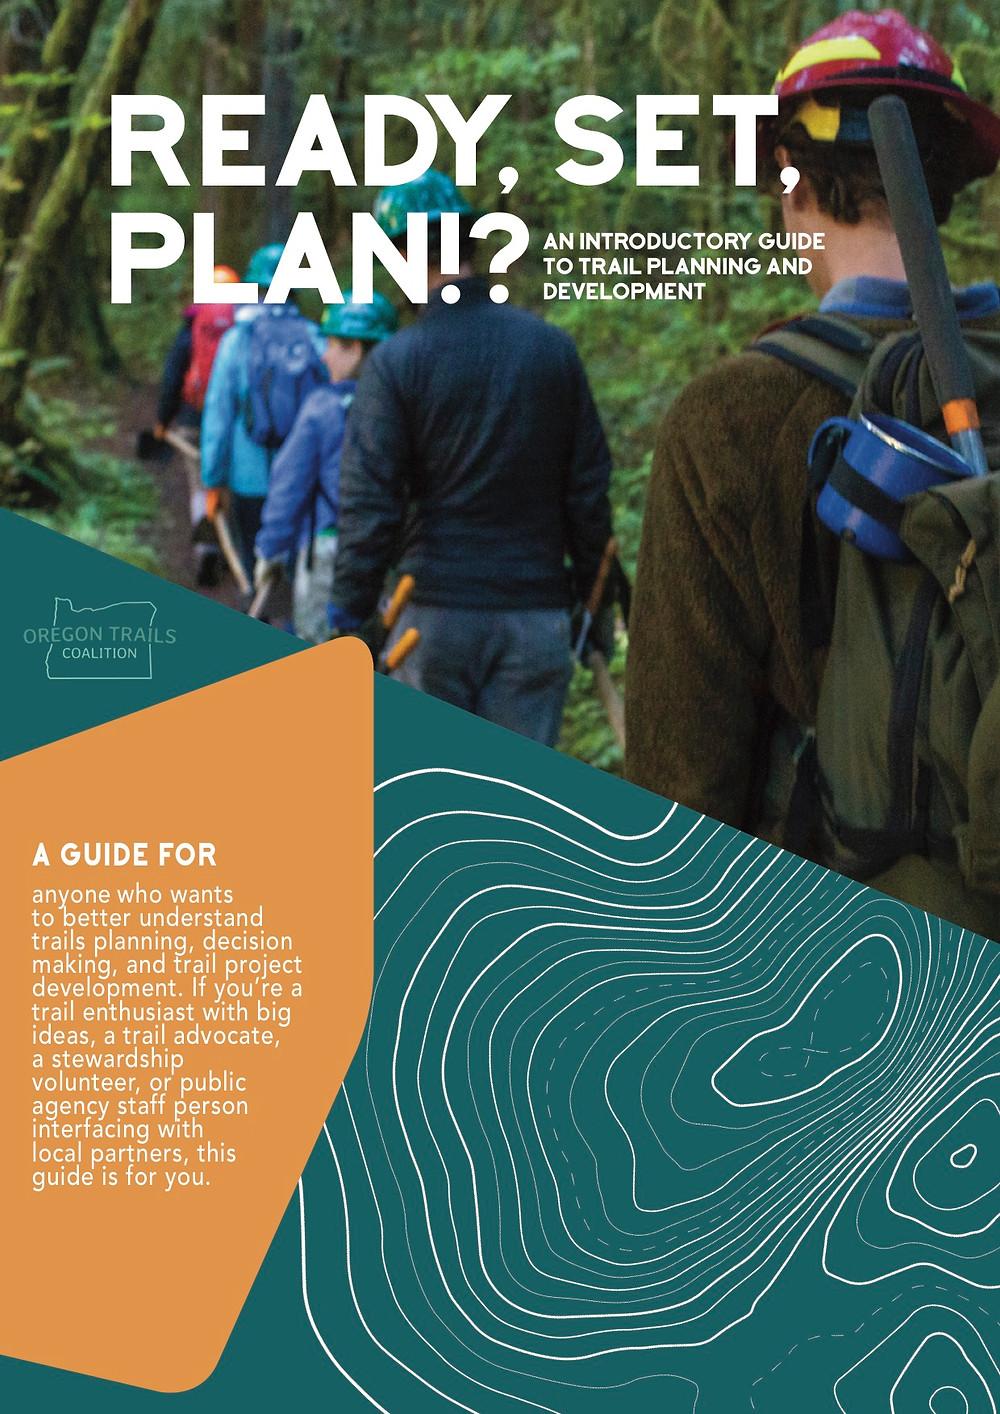 Ready, Set, Plan cover